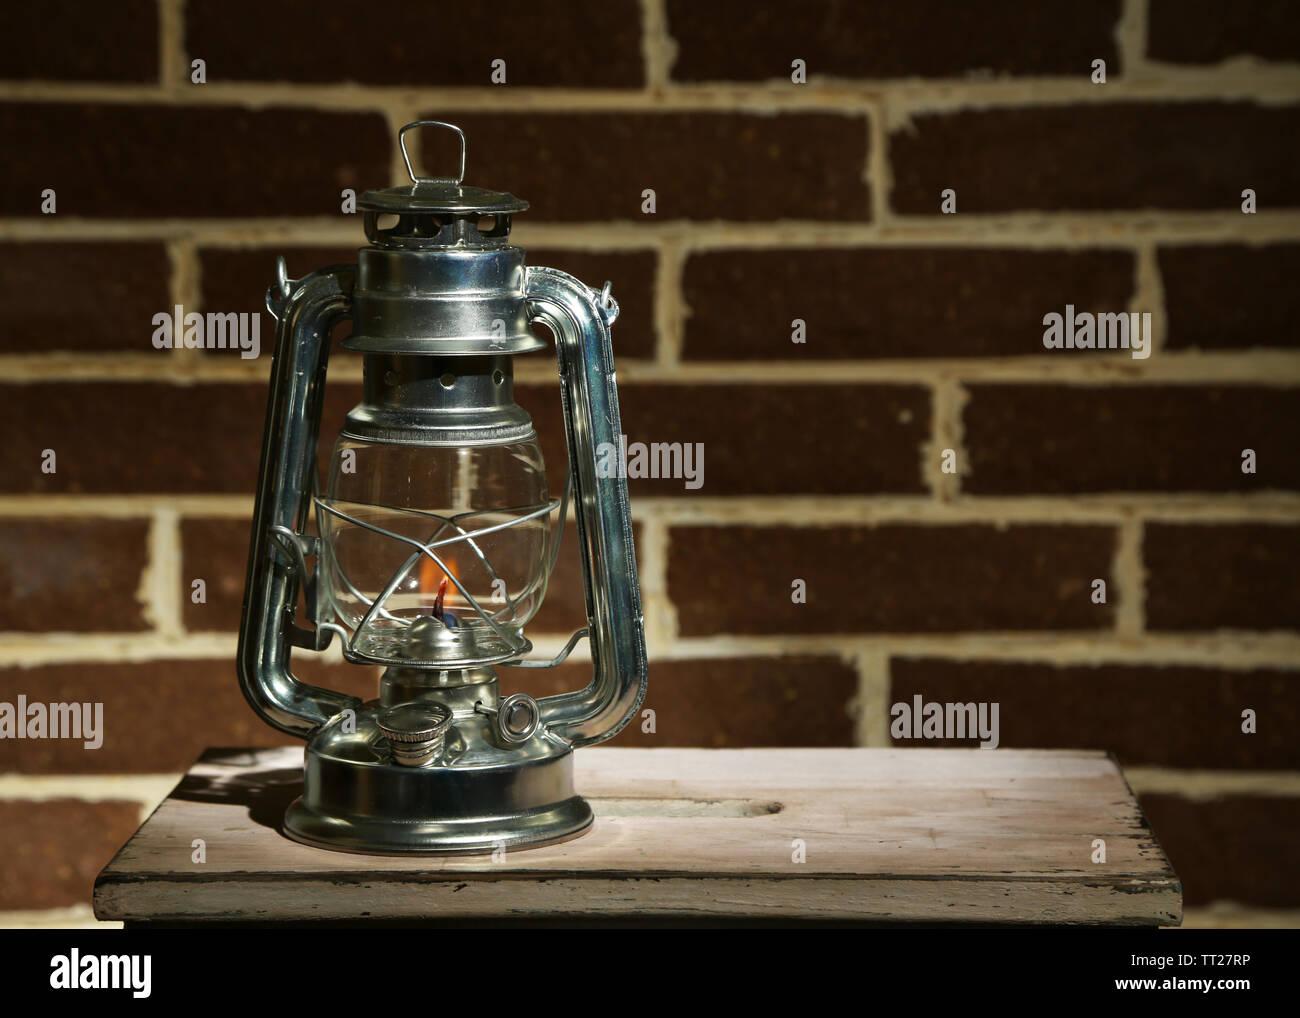 Burning kerosene lamp on brick wall background - Stock Image